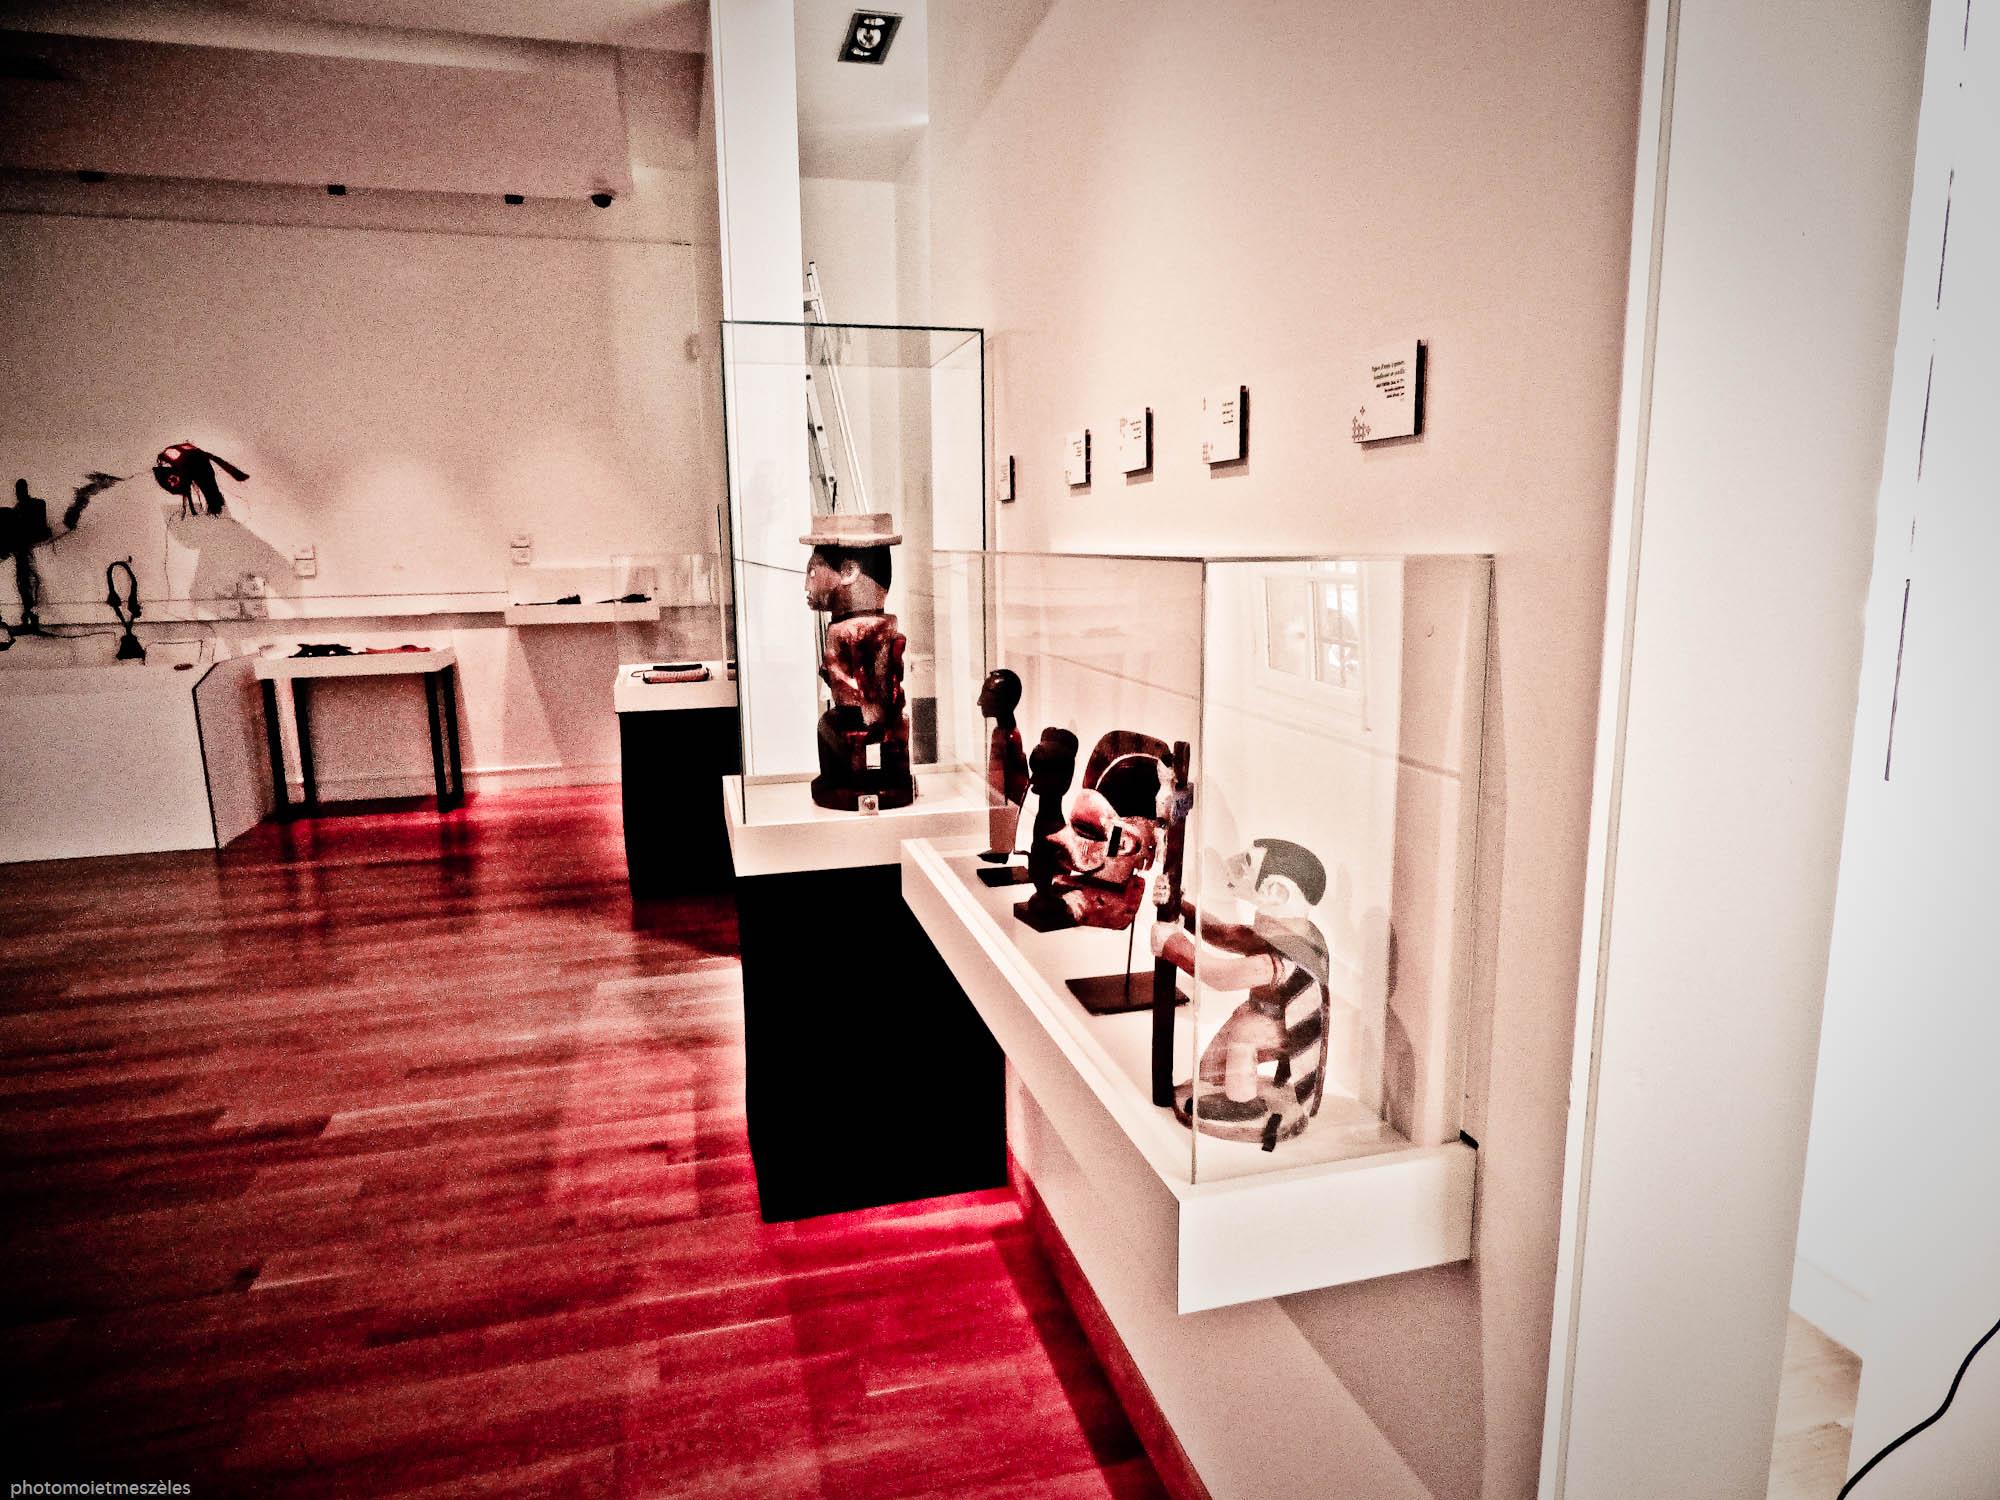 statuaires africains Musée d'histoire naturelle du Havre